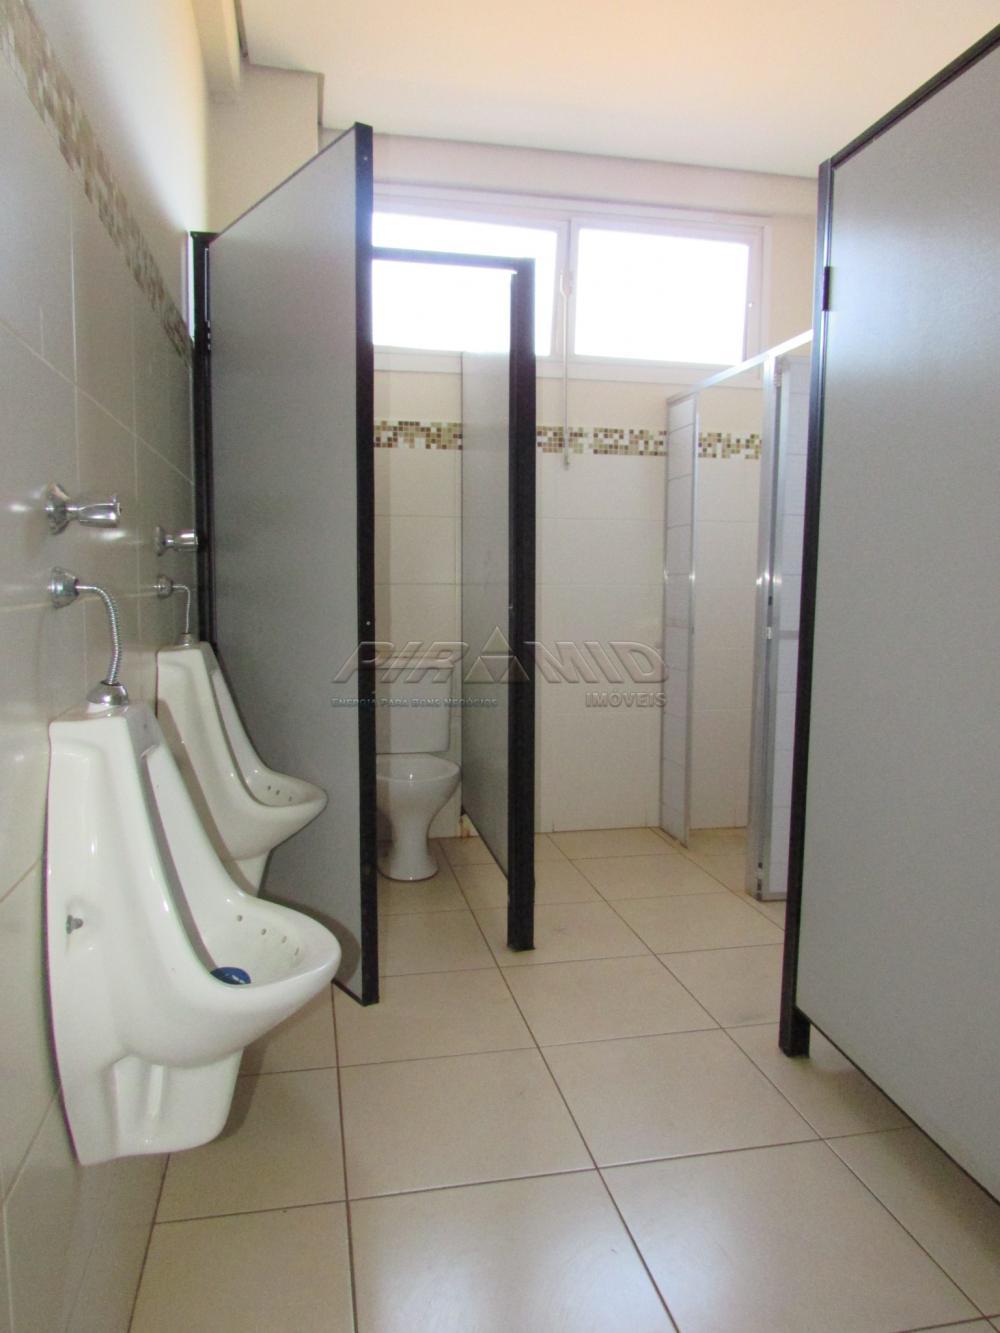 Alugar Comercial / Galpão em Cravinhos apenas R$ 50.000,00 - Foto 9